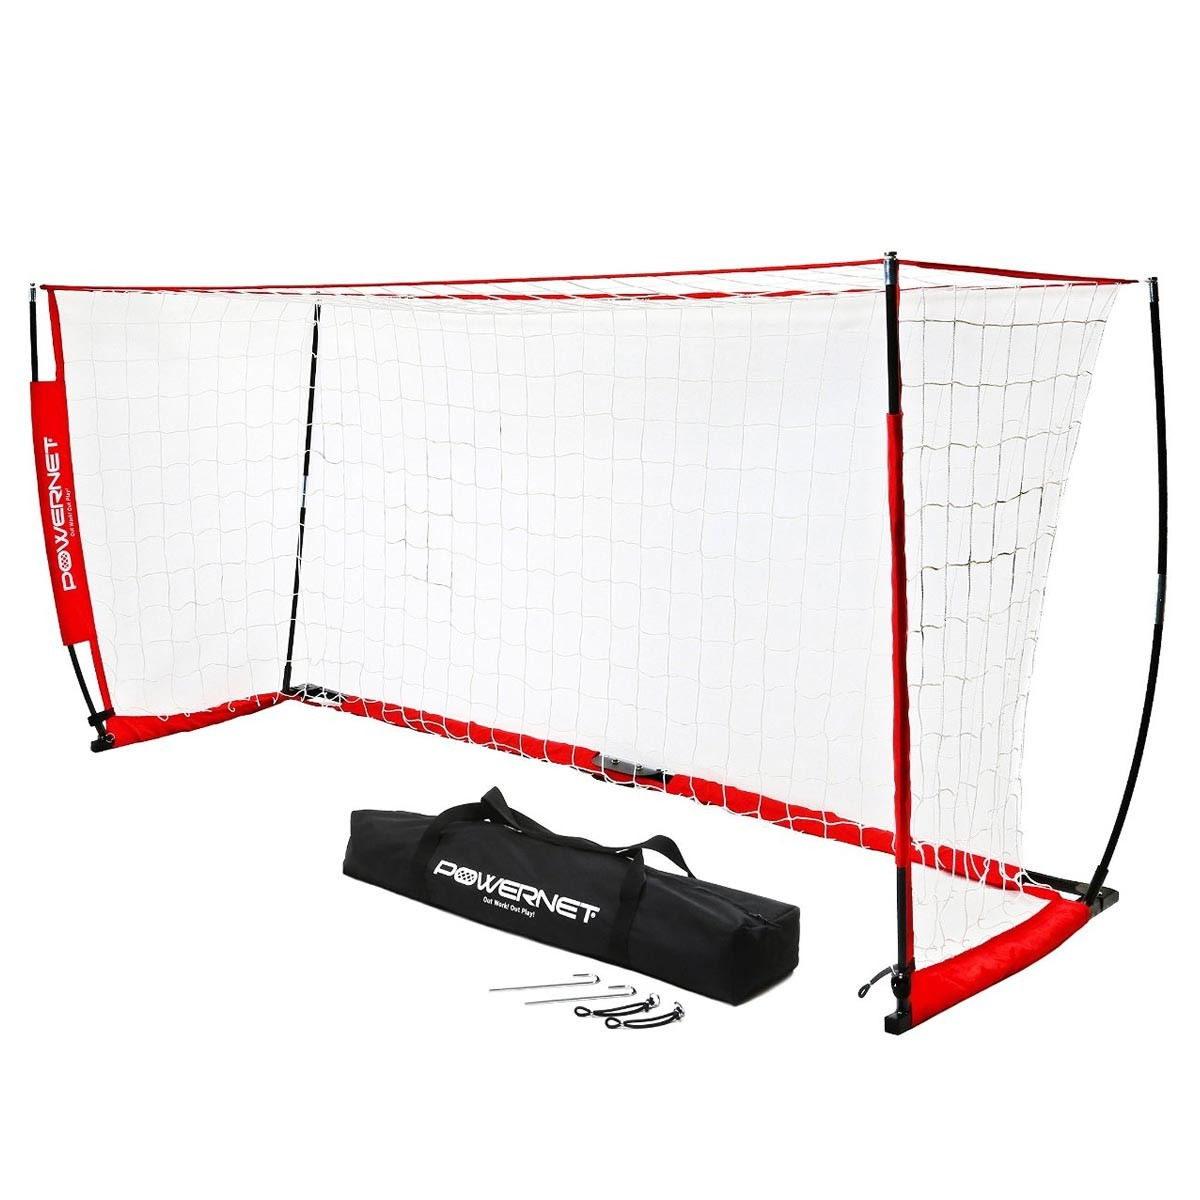 4a1ae7b269 POWERNET 8  x 24  Pop Up Soccer Goal